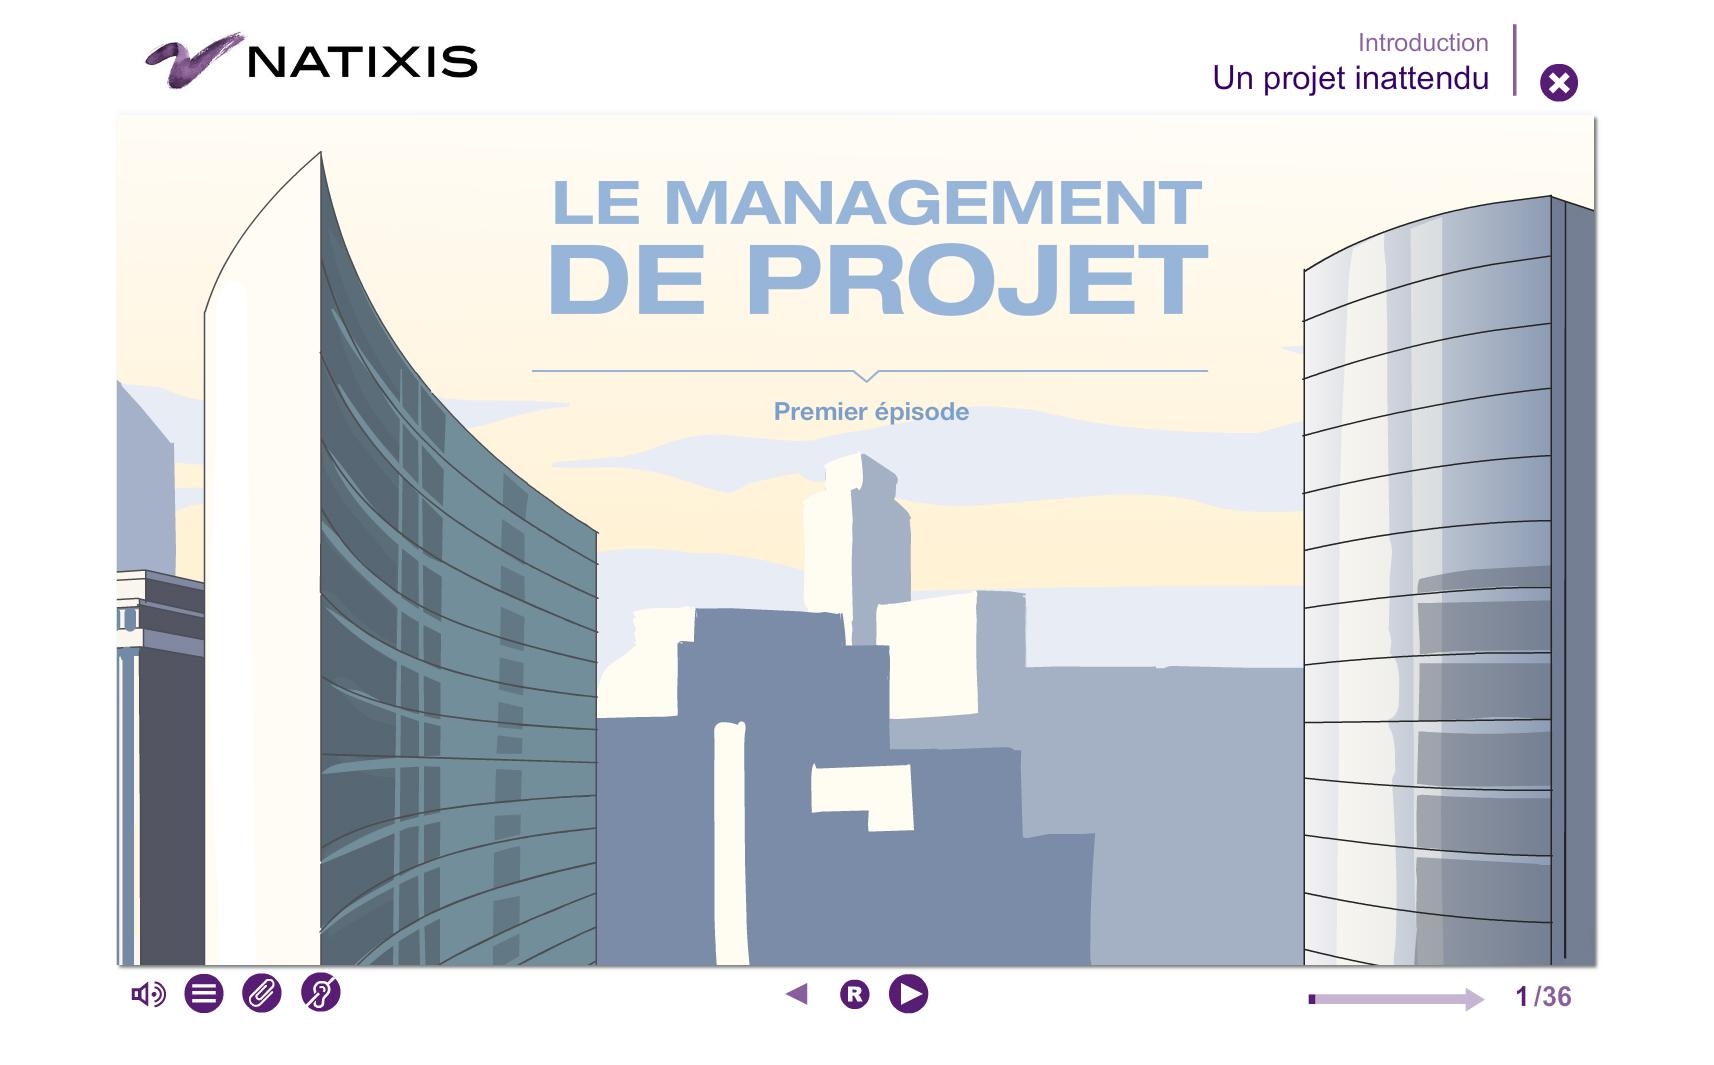 Natixis_Management0